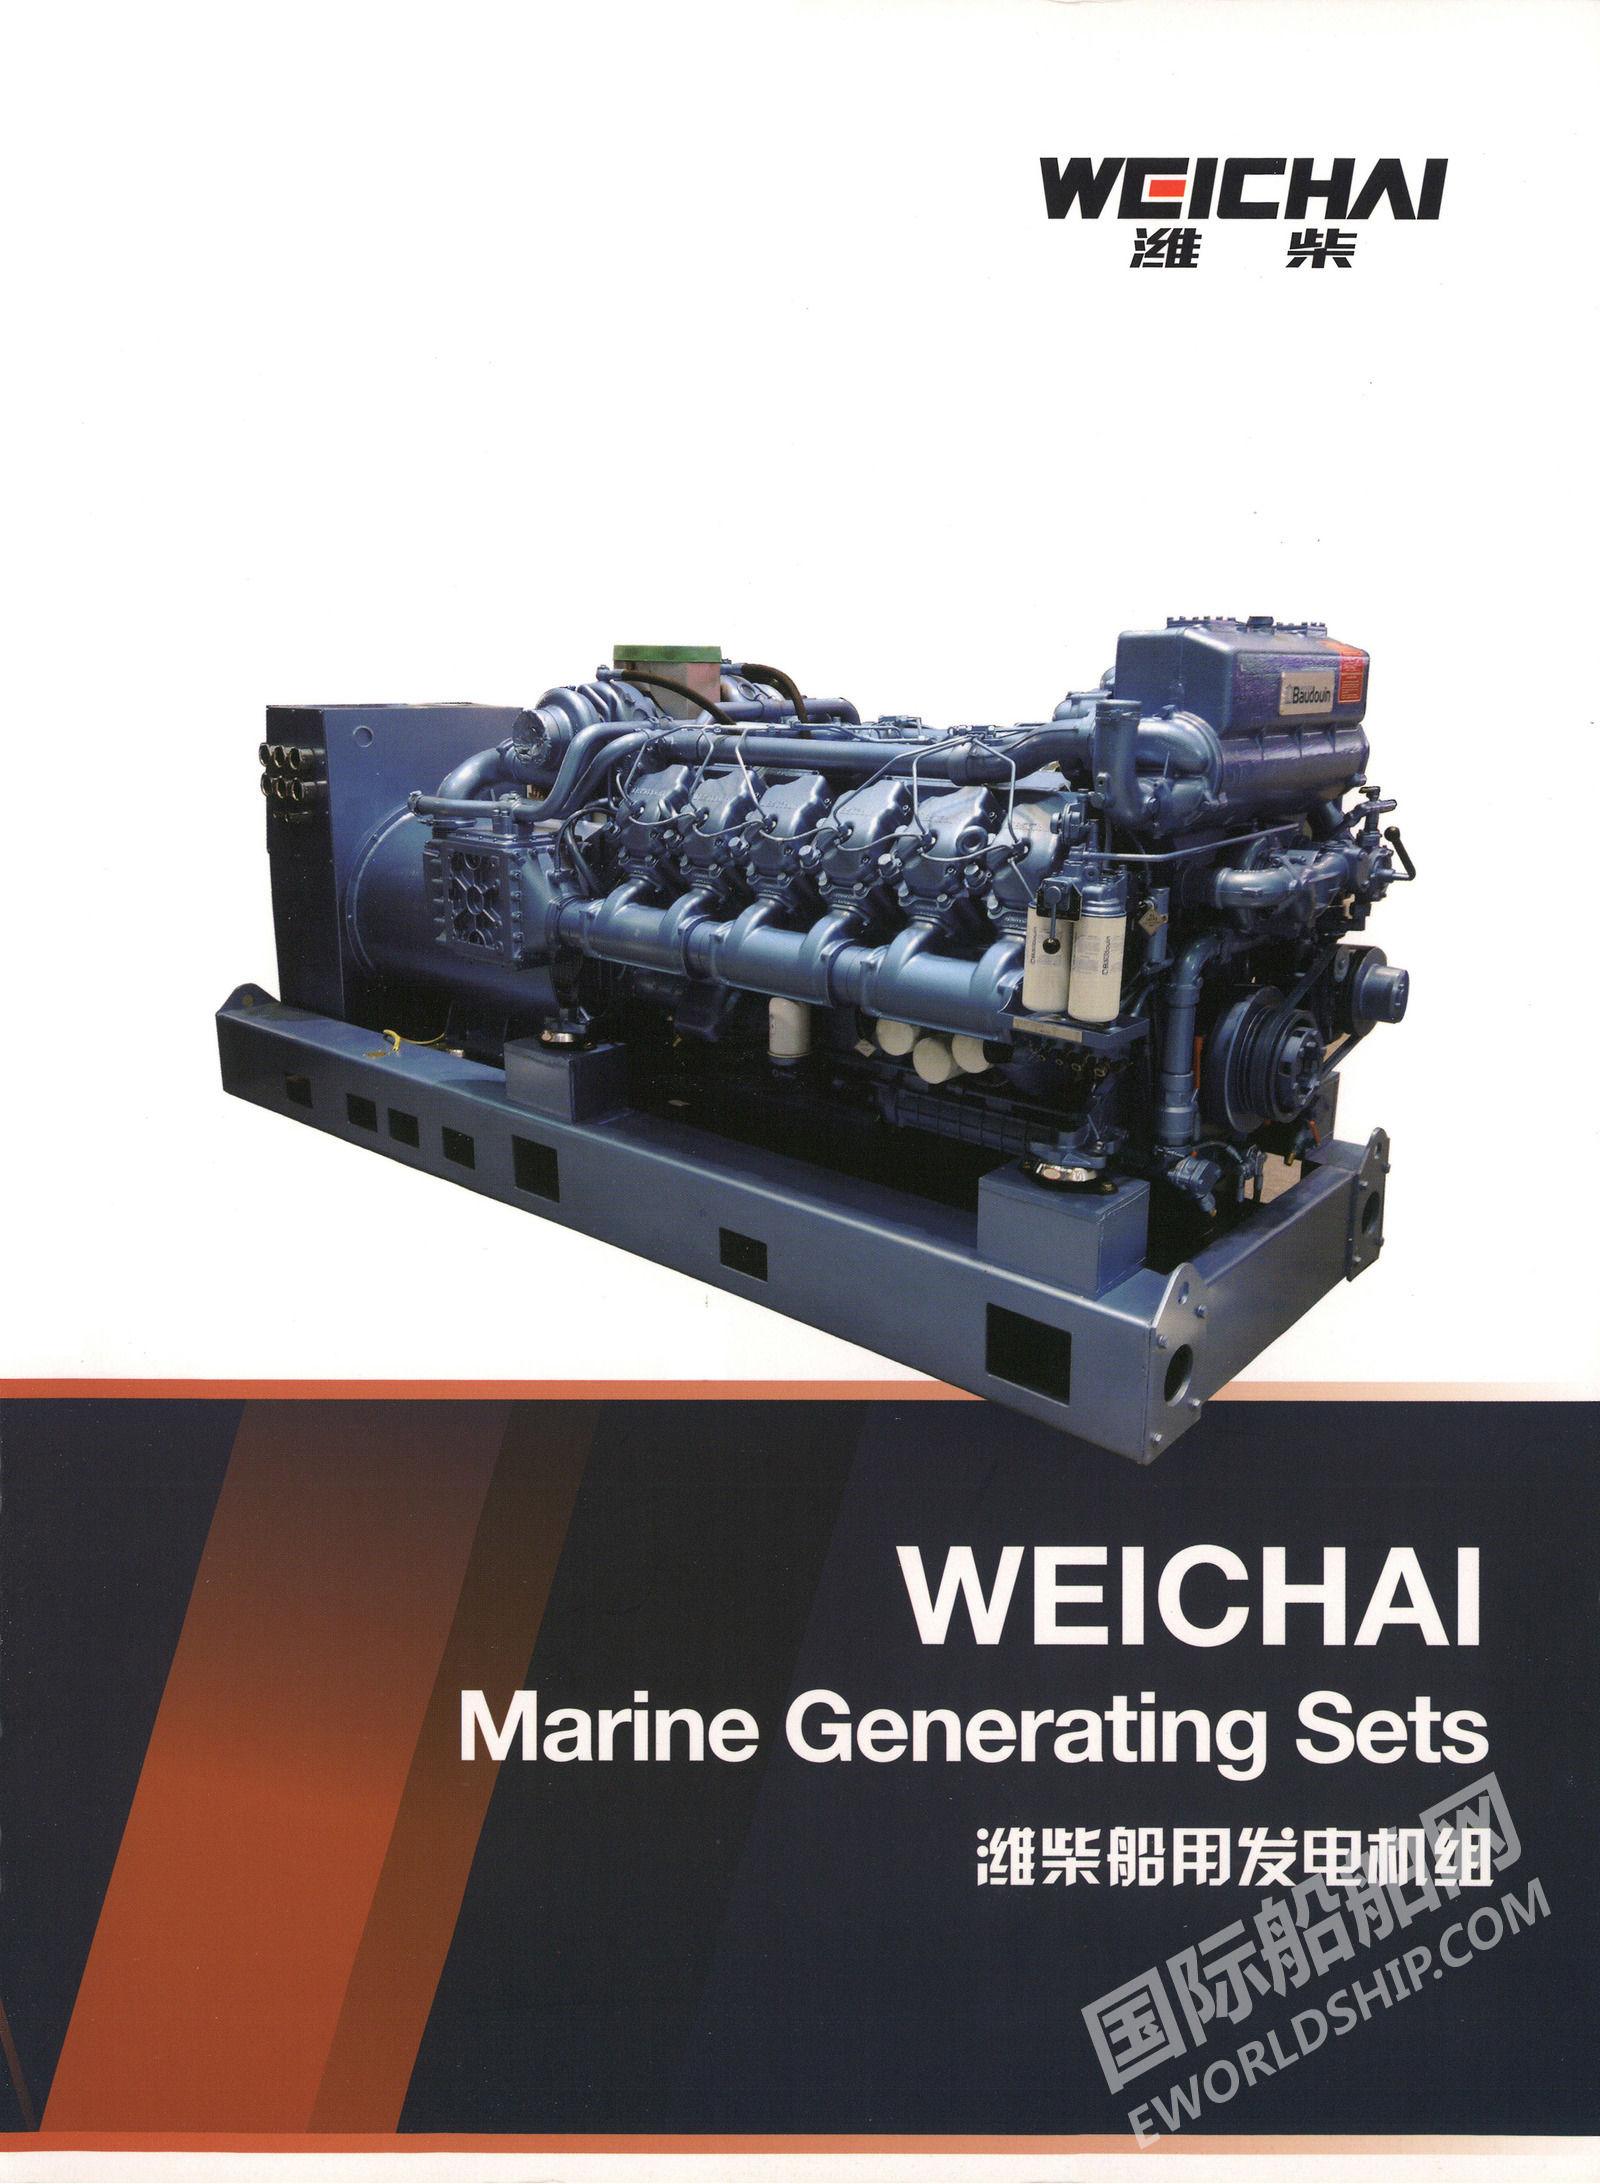 潍柴重机股份有限公司 潍柴船用发电机组